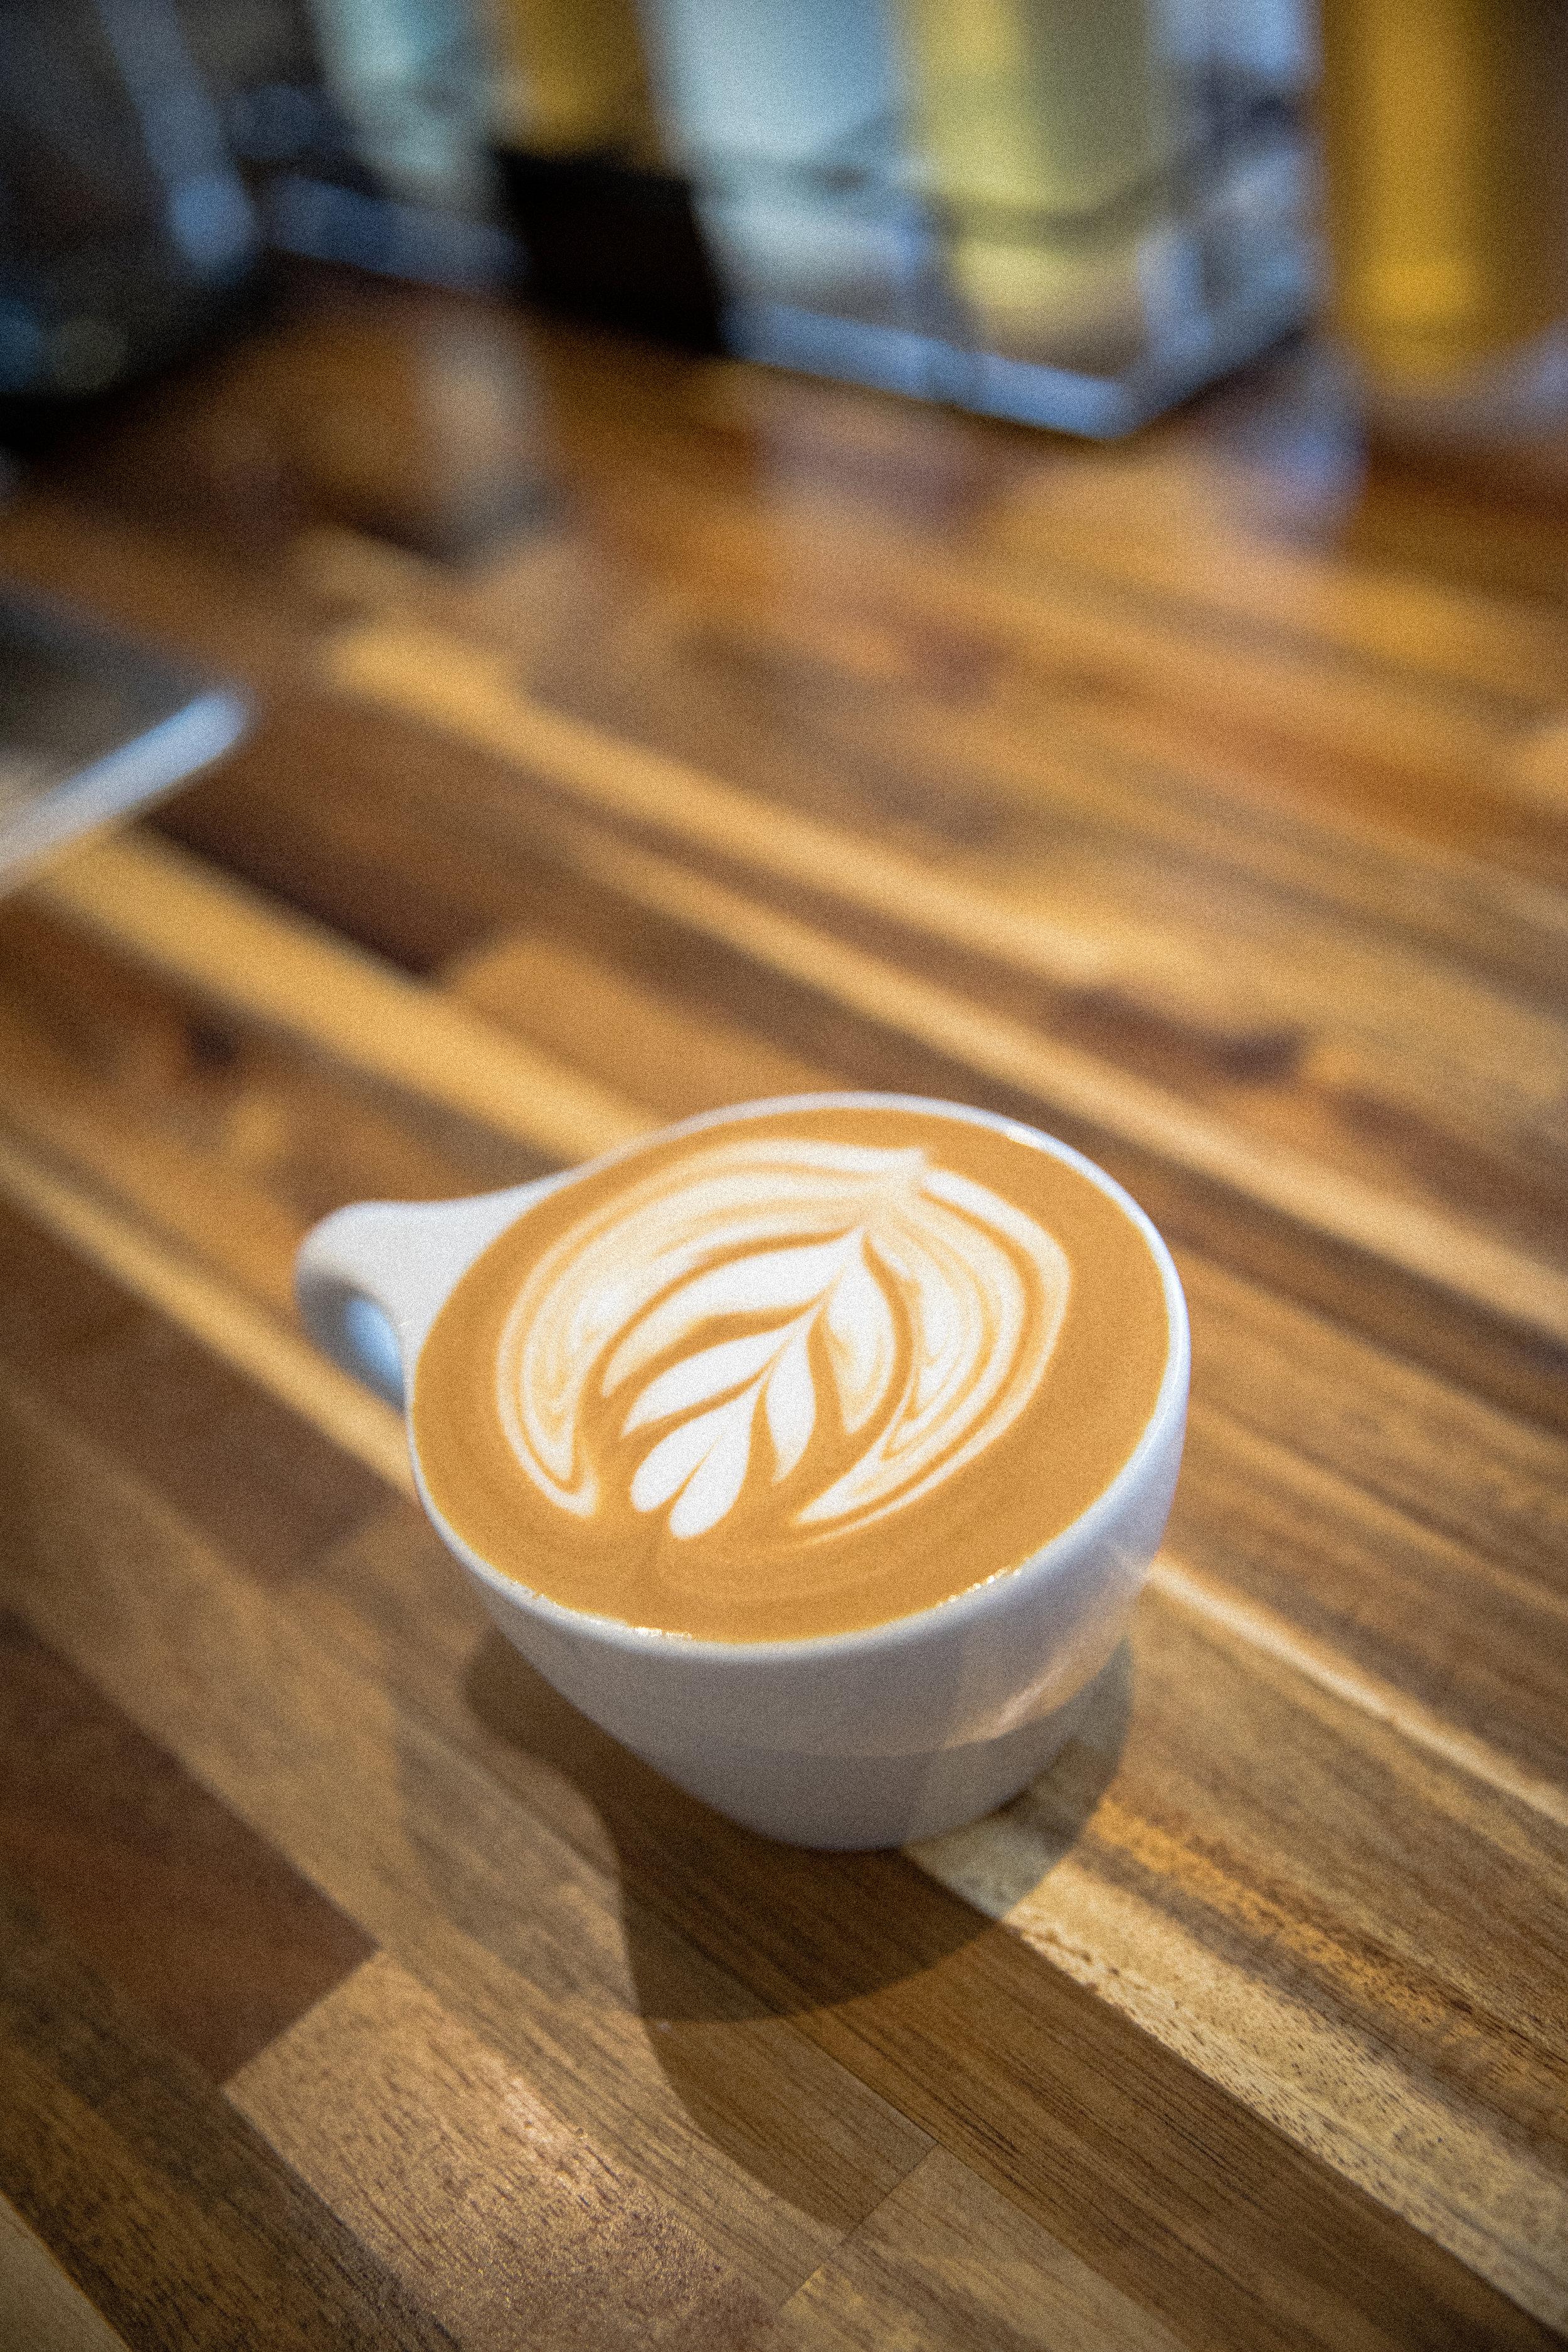 coffeeshop-photography-9I0623.jpg